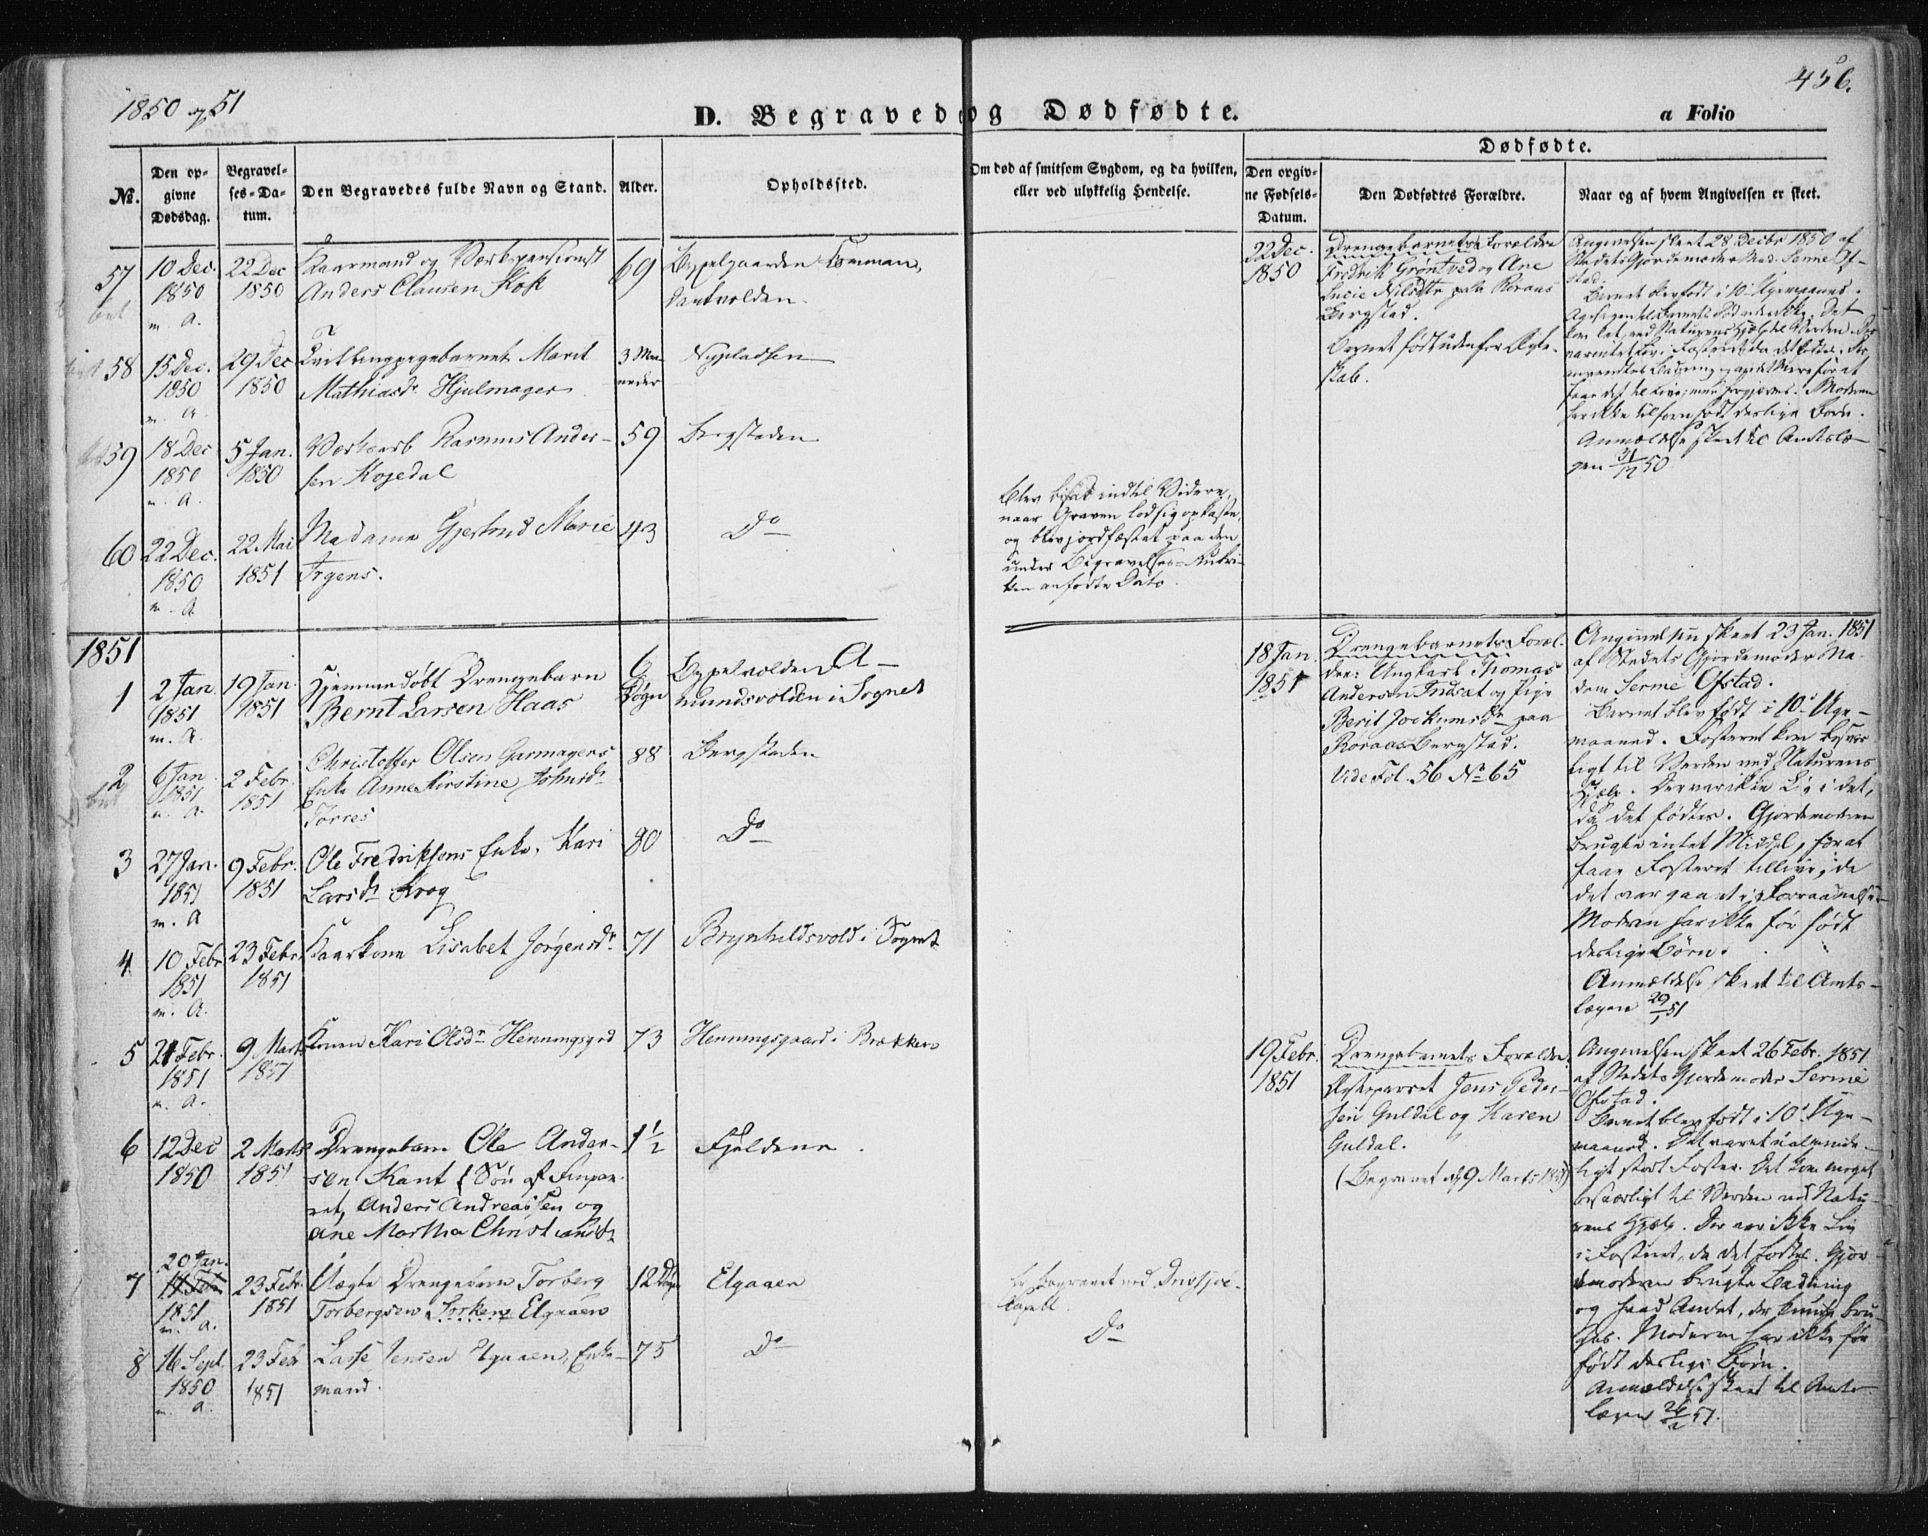 SAT, Ministerialprotokoller, klokkerbøker og fødselsregistre - Sør-Trøndelag, 681/L0931: Ministerialbok nr. 681A09, 1845-1859, s. 456